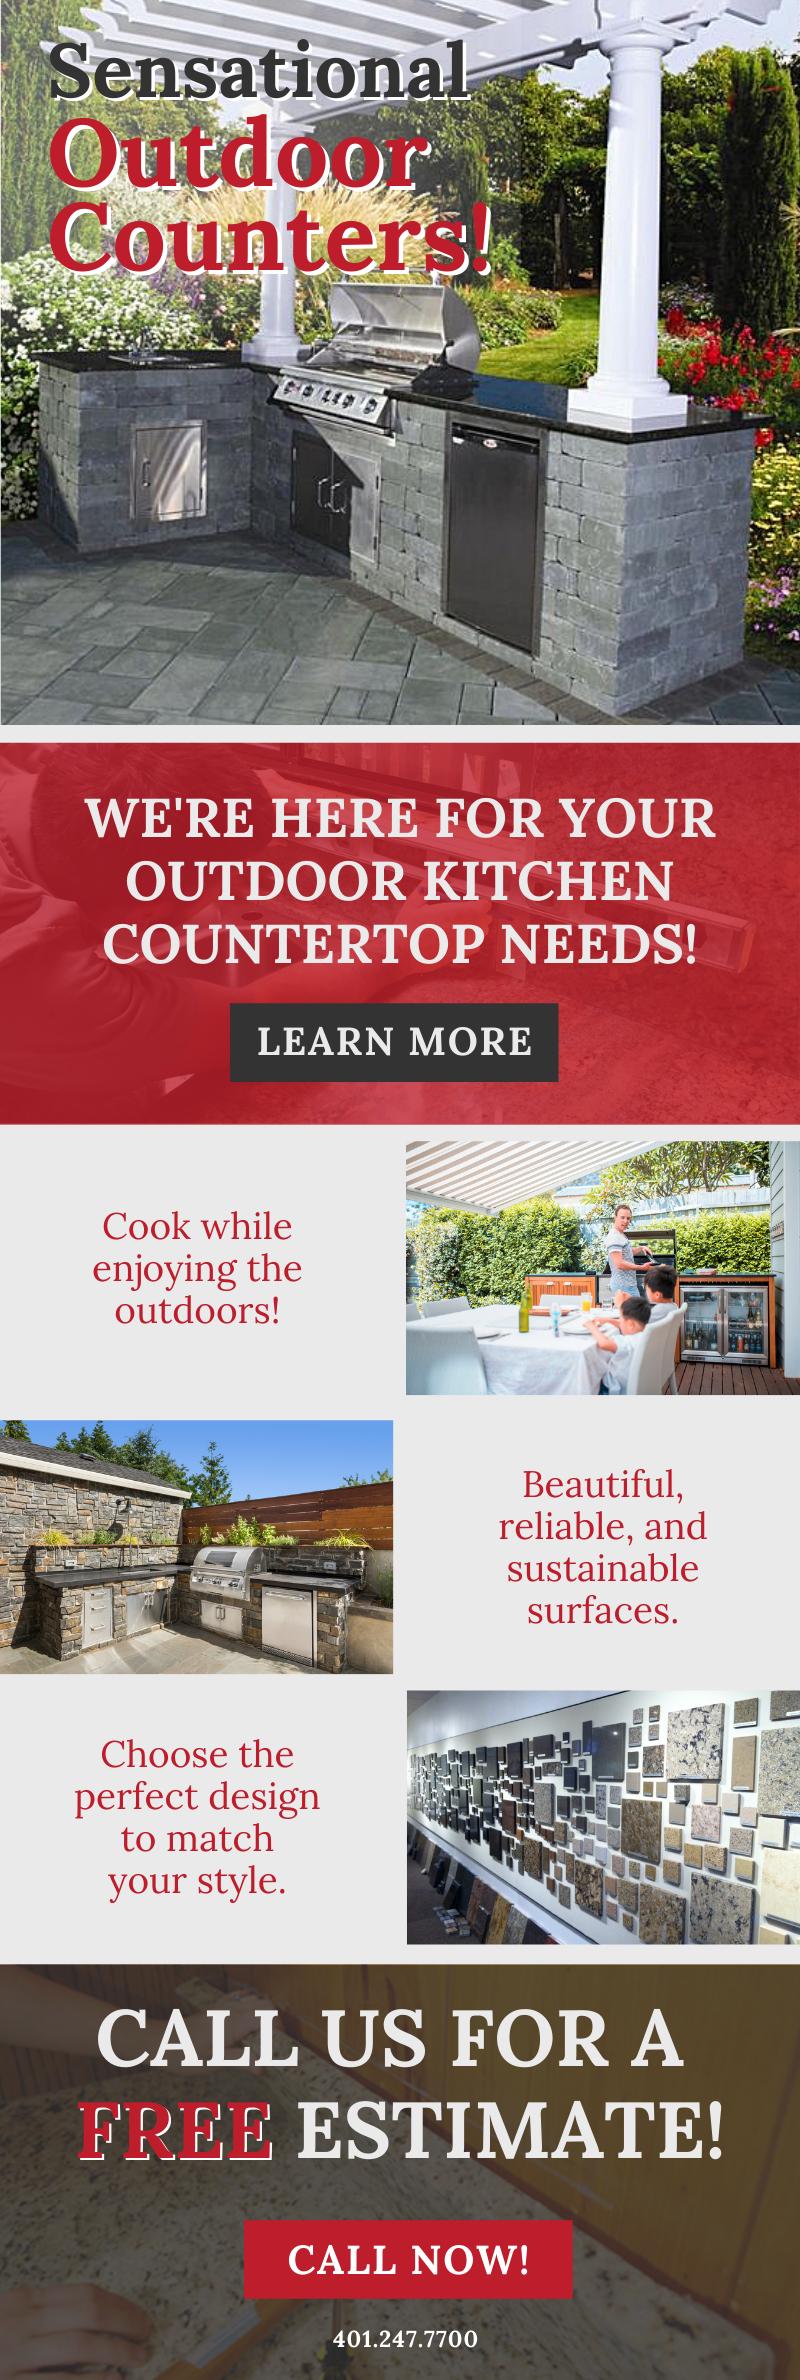 Beautiful Outdoor Countertops! ✨ 1